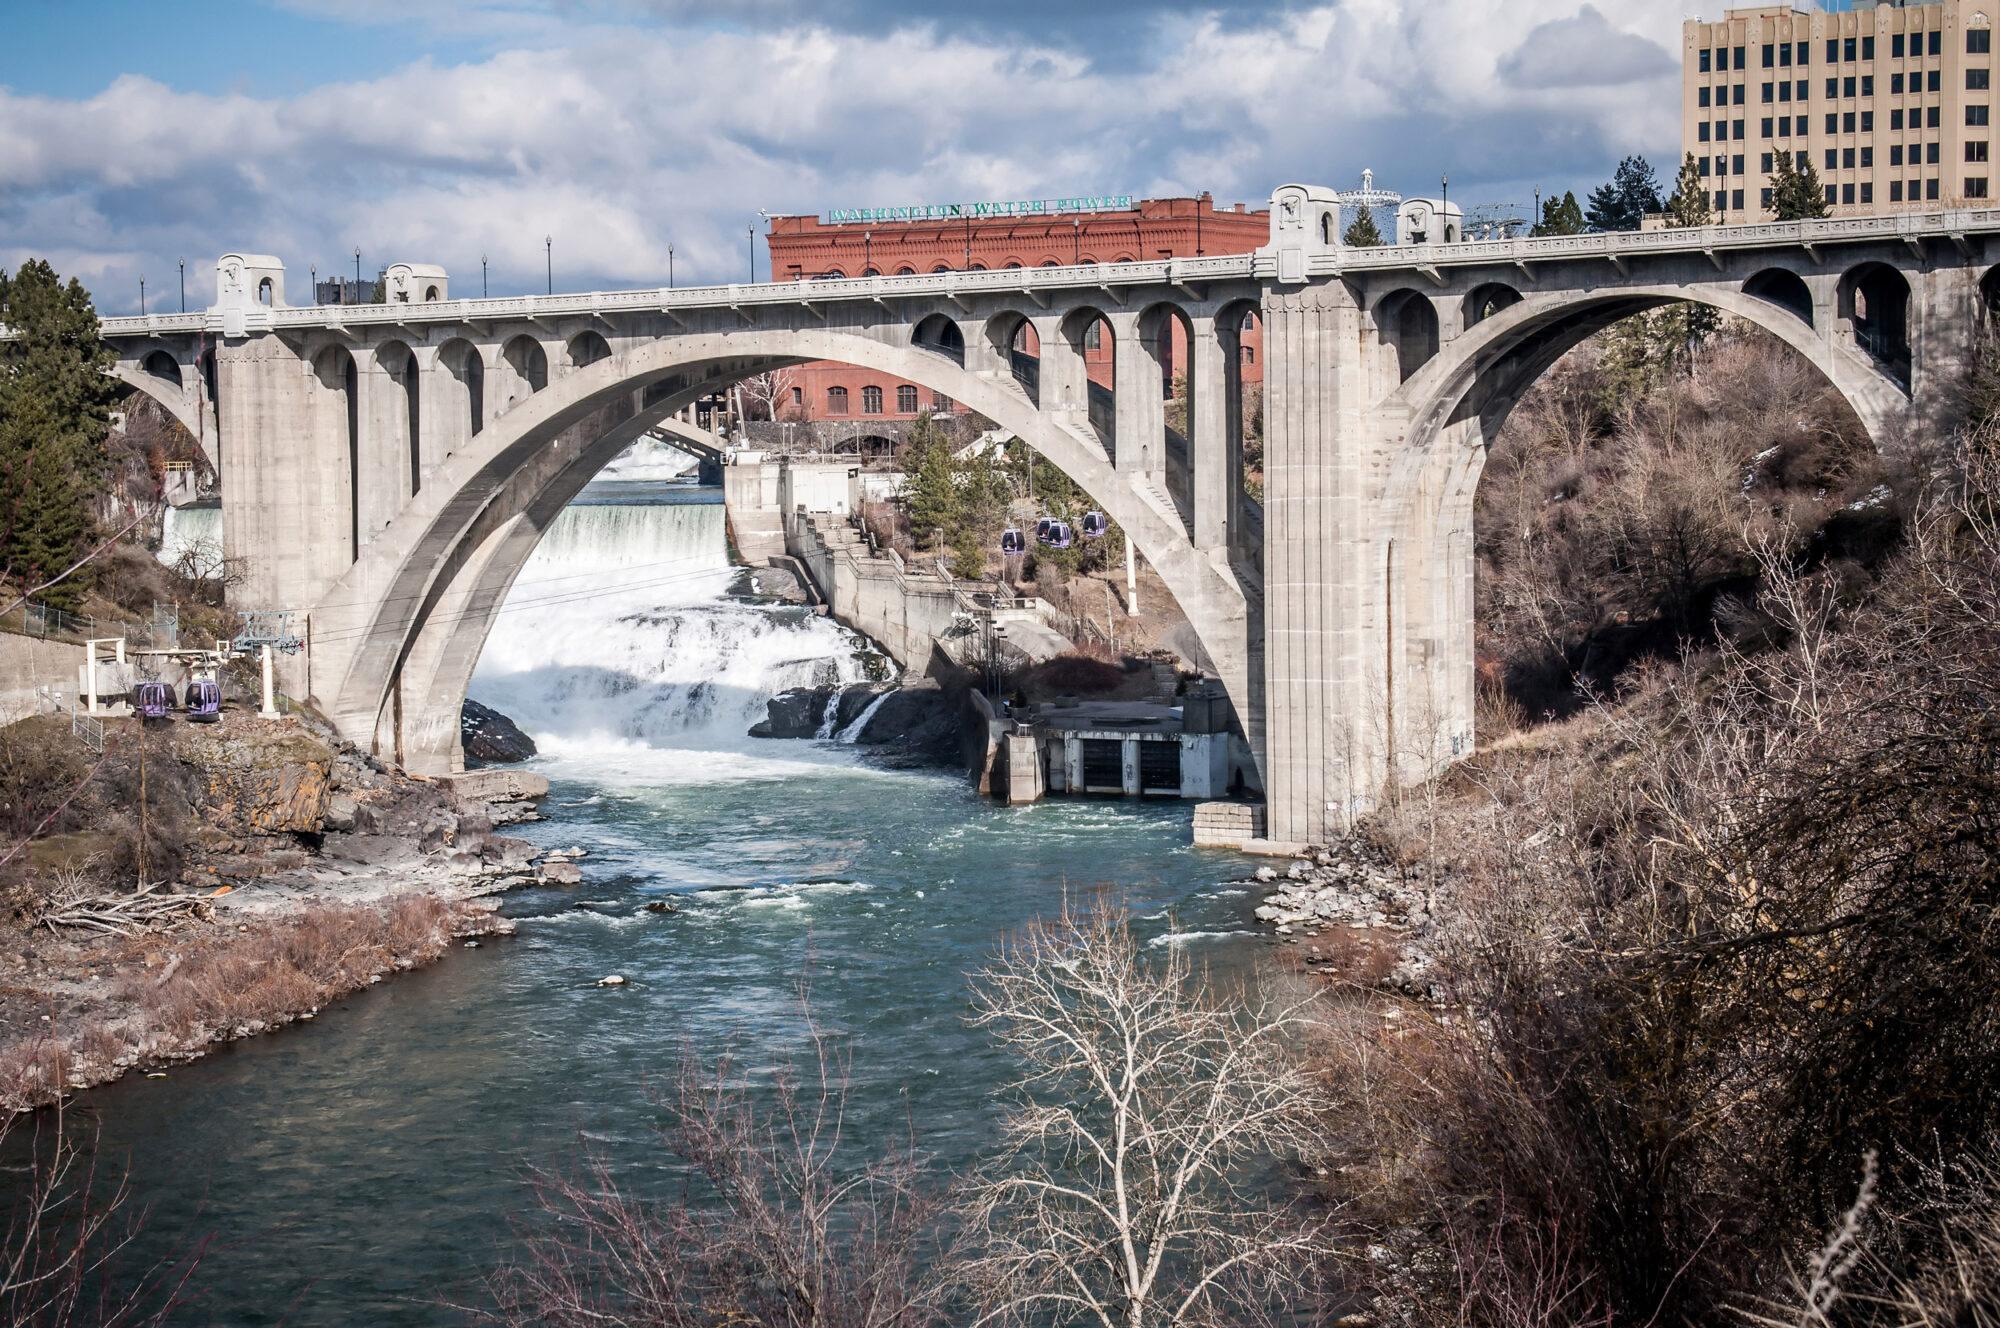 Downtown Spokane River Bridge